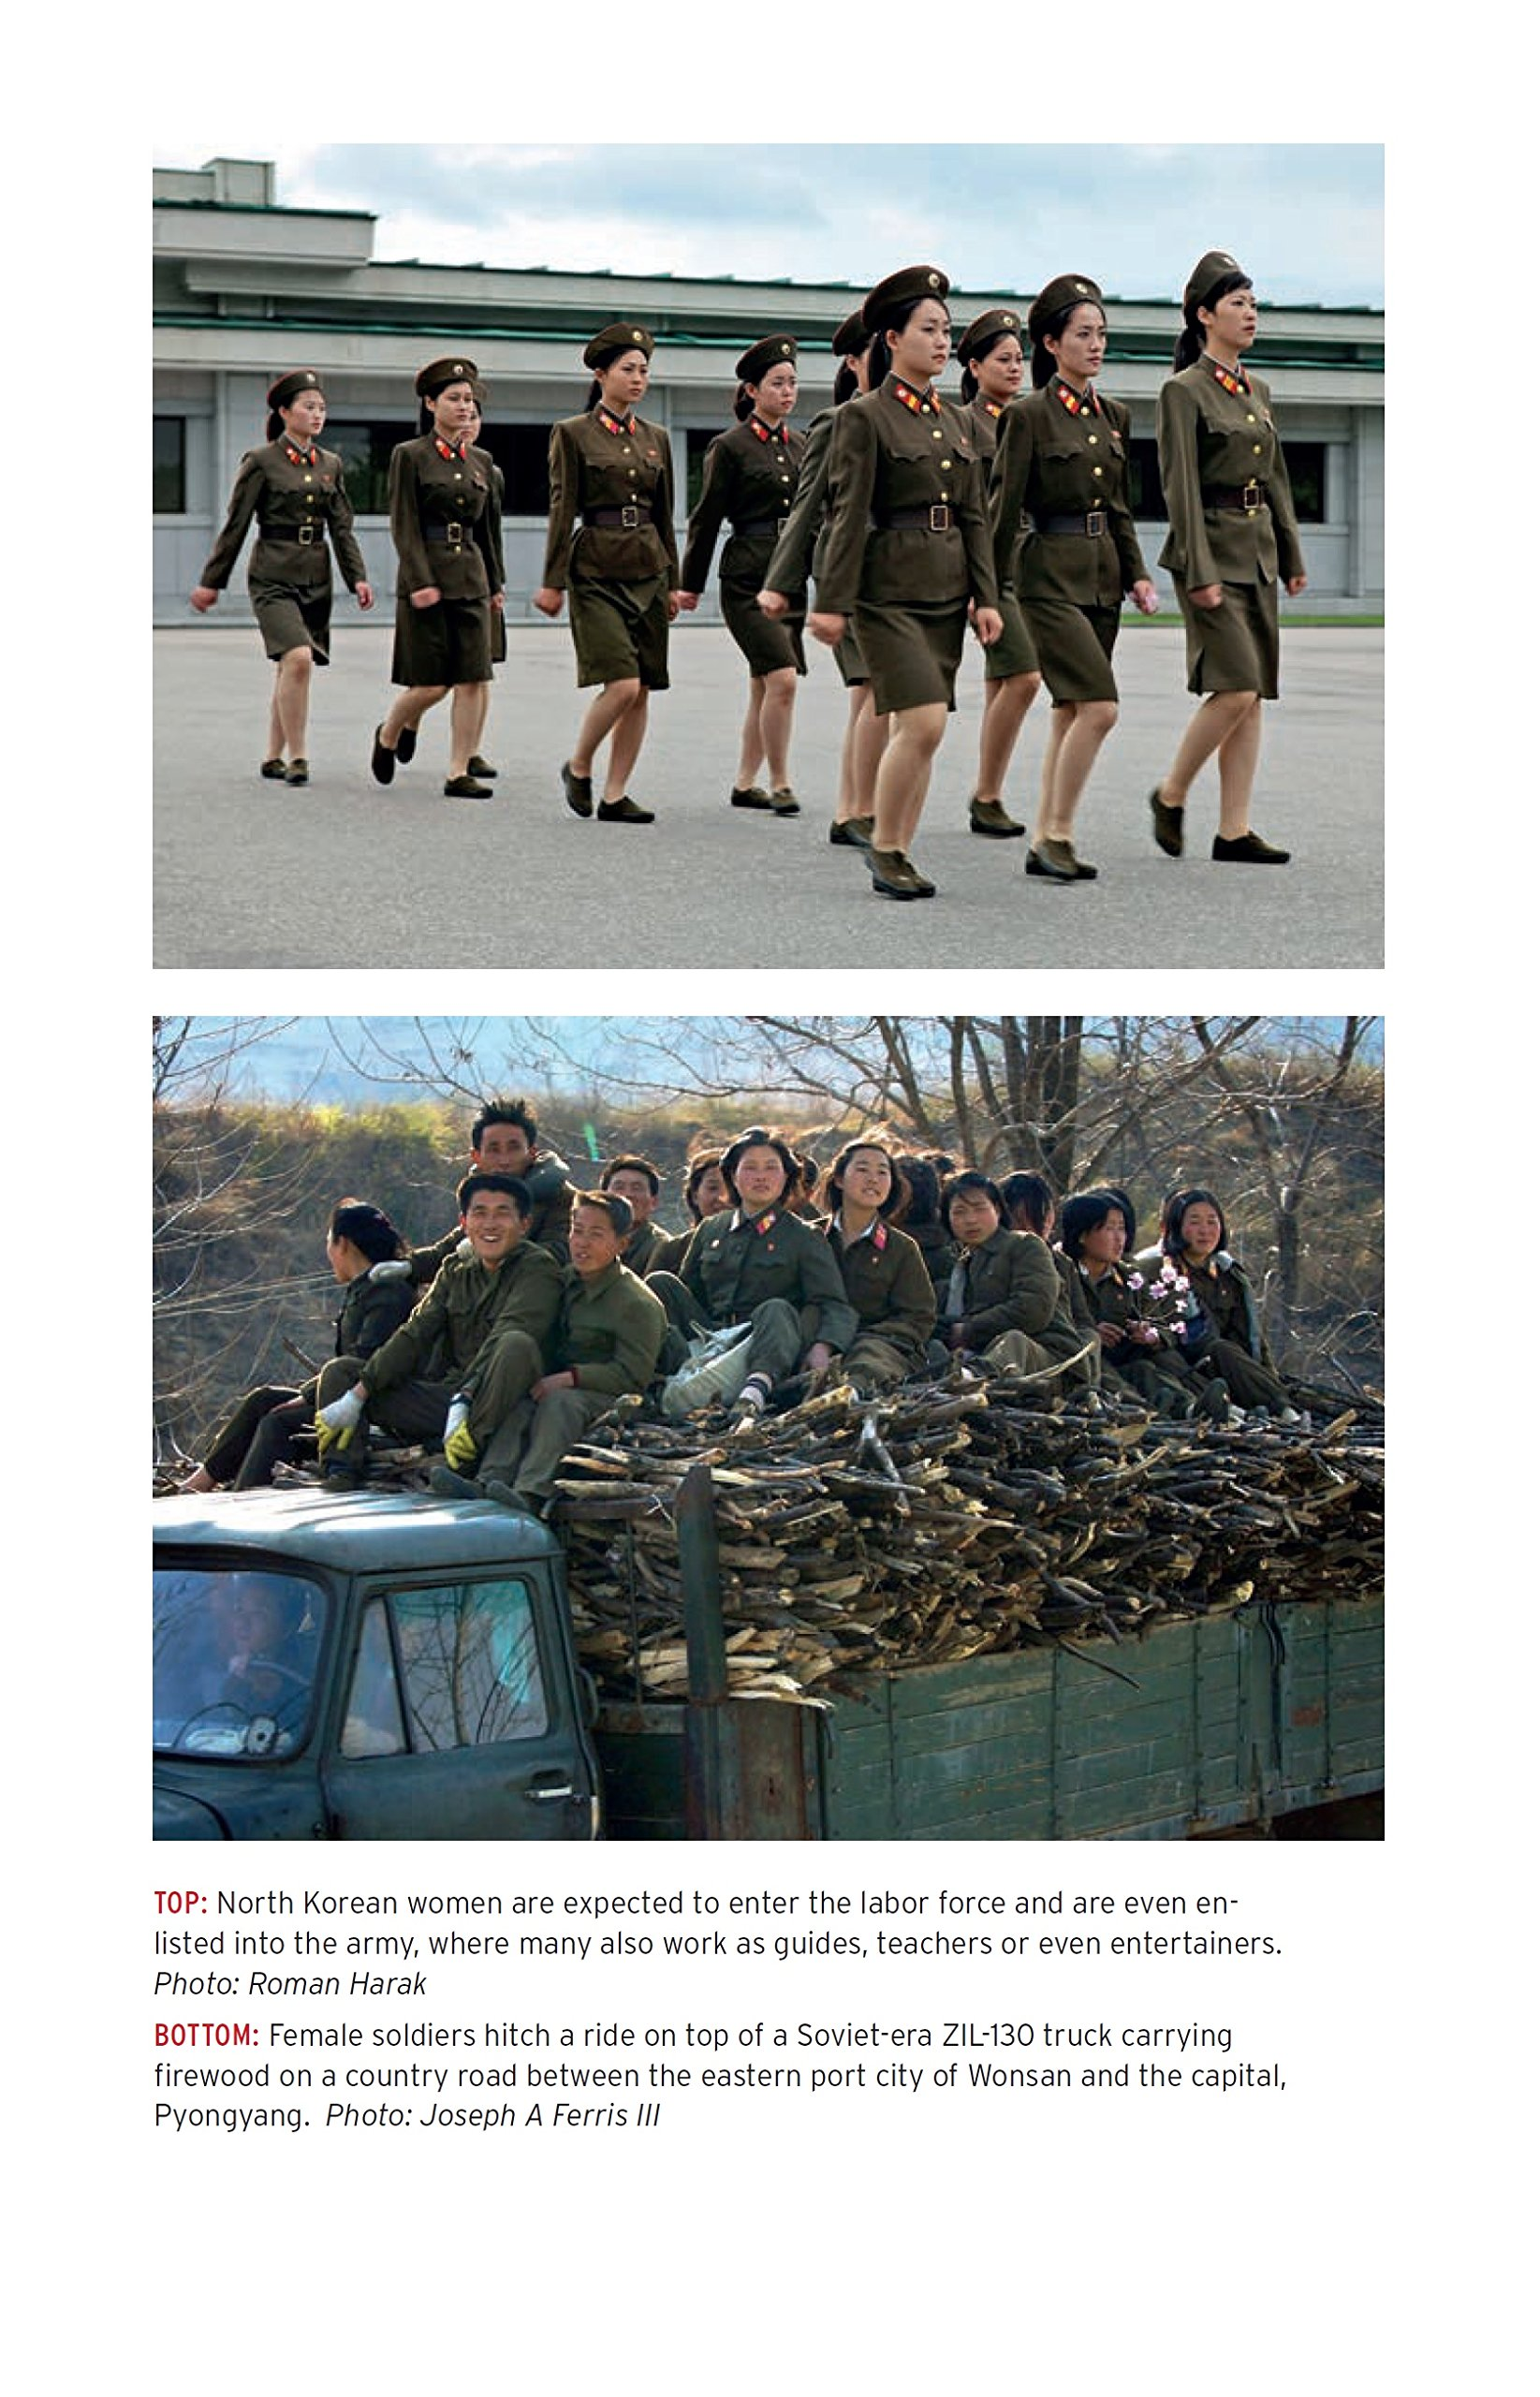 north korea confidential private markets fashion trends prison